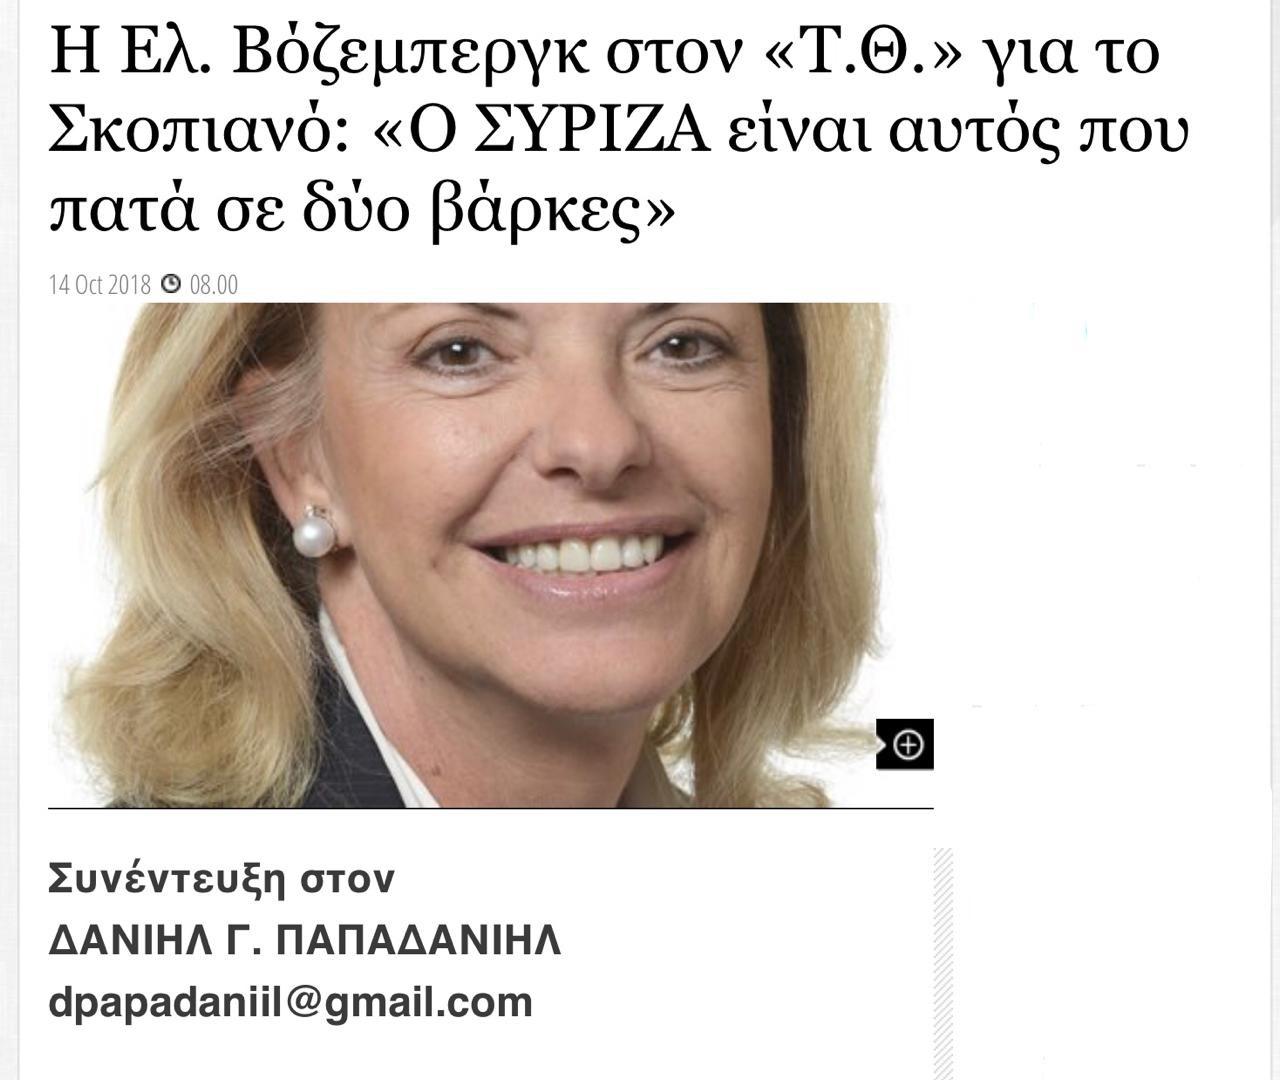 Συνέντευξη_Σκοπιανό_Τύπος_Θεσσαλονίκης